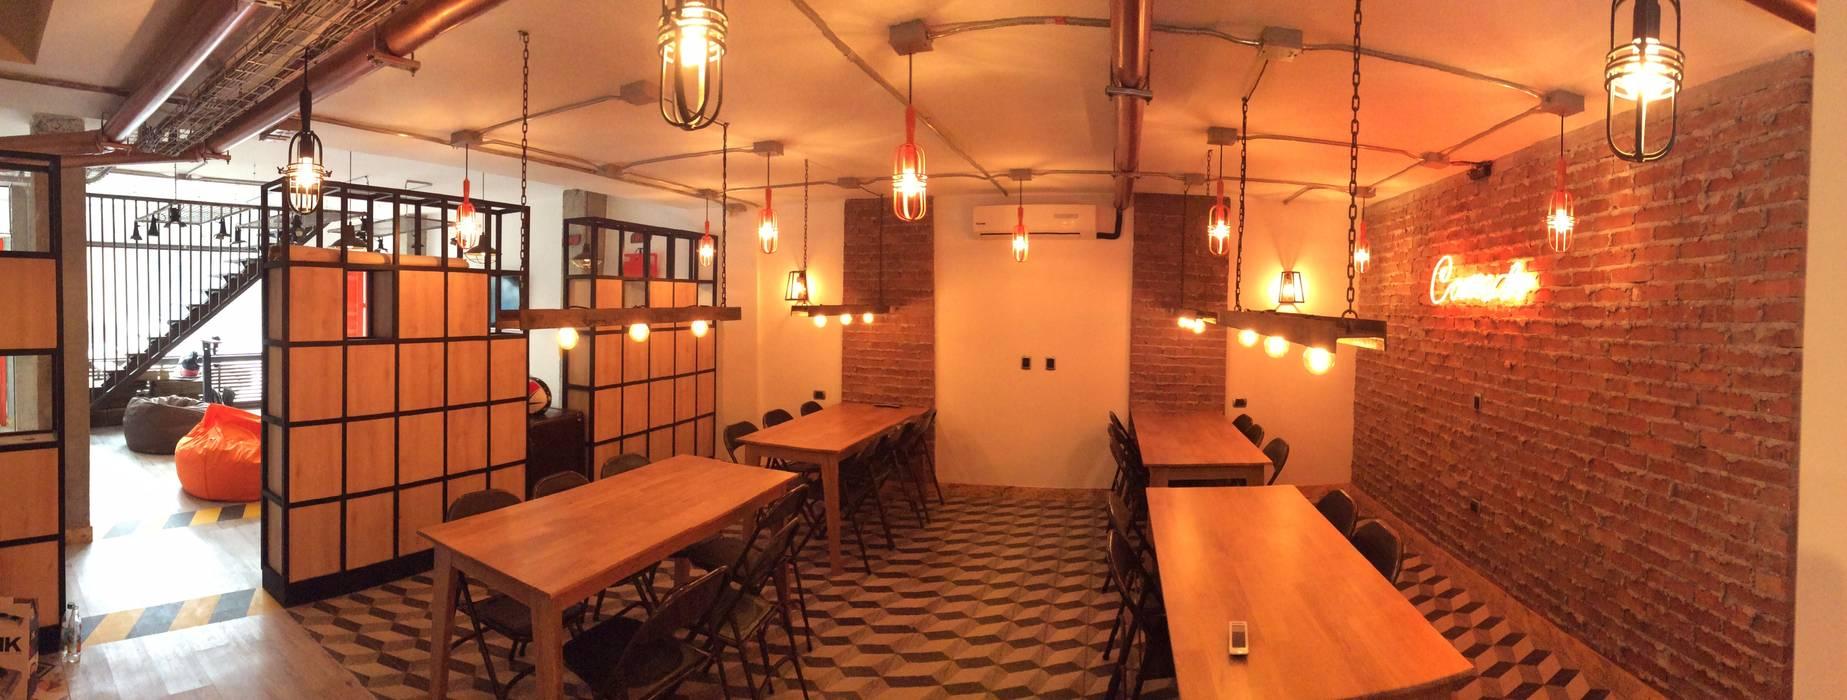 OFICINAS DE ADUANAS _ LACOSTE ASOCIADOS: Oficinas y Tiendas de estilo  por @tresarquitectos, Industrial